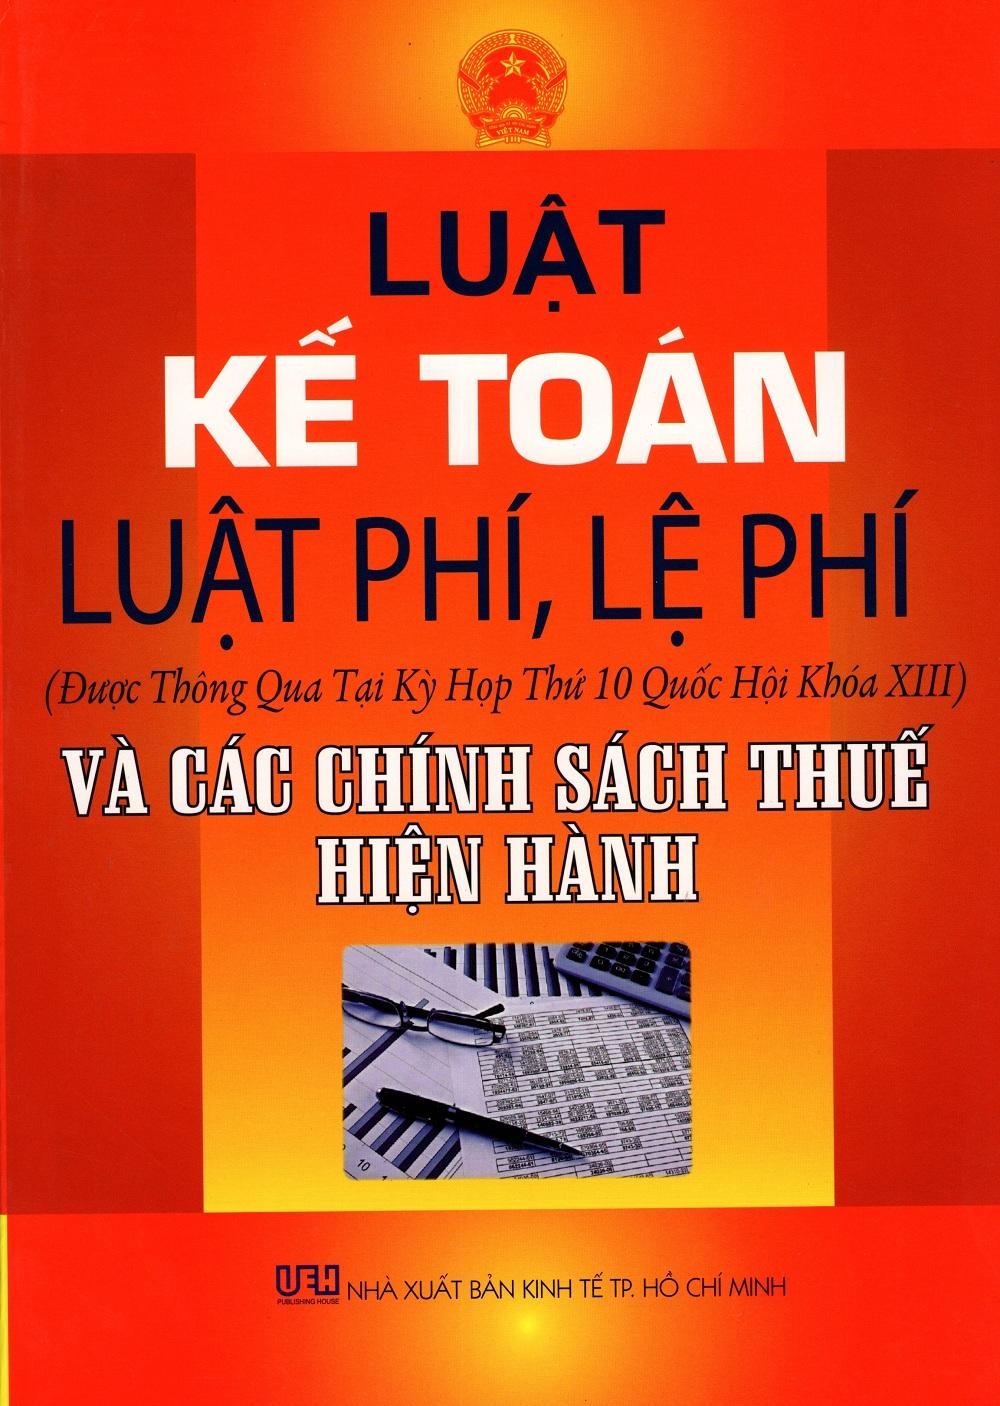 Luật Kế Toán - Luật Phí, Lệ Phí (Được Thông Qua Tại Kỳ Họp Thứ 10 Quốc Hội Khóa XIII) Và Các Chính Sách Thuế... - 2389357514391,62_1112618,350000,tiki.vn,Luat-Ke-Toan-Luat-Phi-Le-Phi-Duoc-Thong-Qua-Tai-Ky-Hop-Thu-10-Quoc-Hoi-Khoa-XIII-Va-Cac-Chinh-Sach-Thue...-62_1112618,Luật Kế Toán - Luật Phí, Lệ Phí (Được Thông Qua Tại Kỳ Họp Thứ 10 Quốc Hội Khóa XIII) Và Các Chín